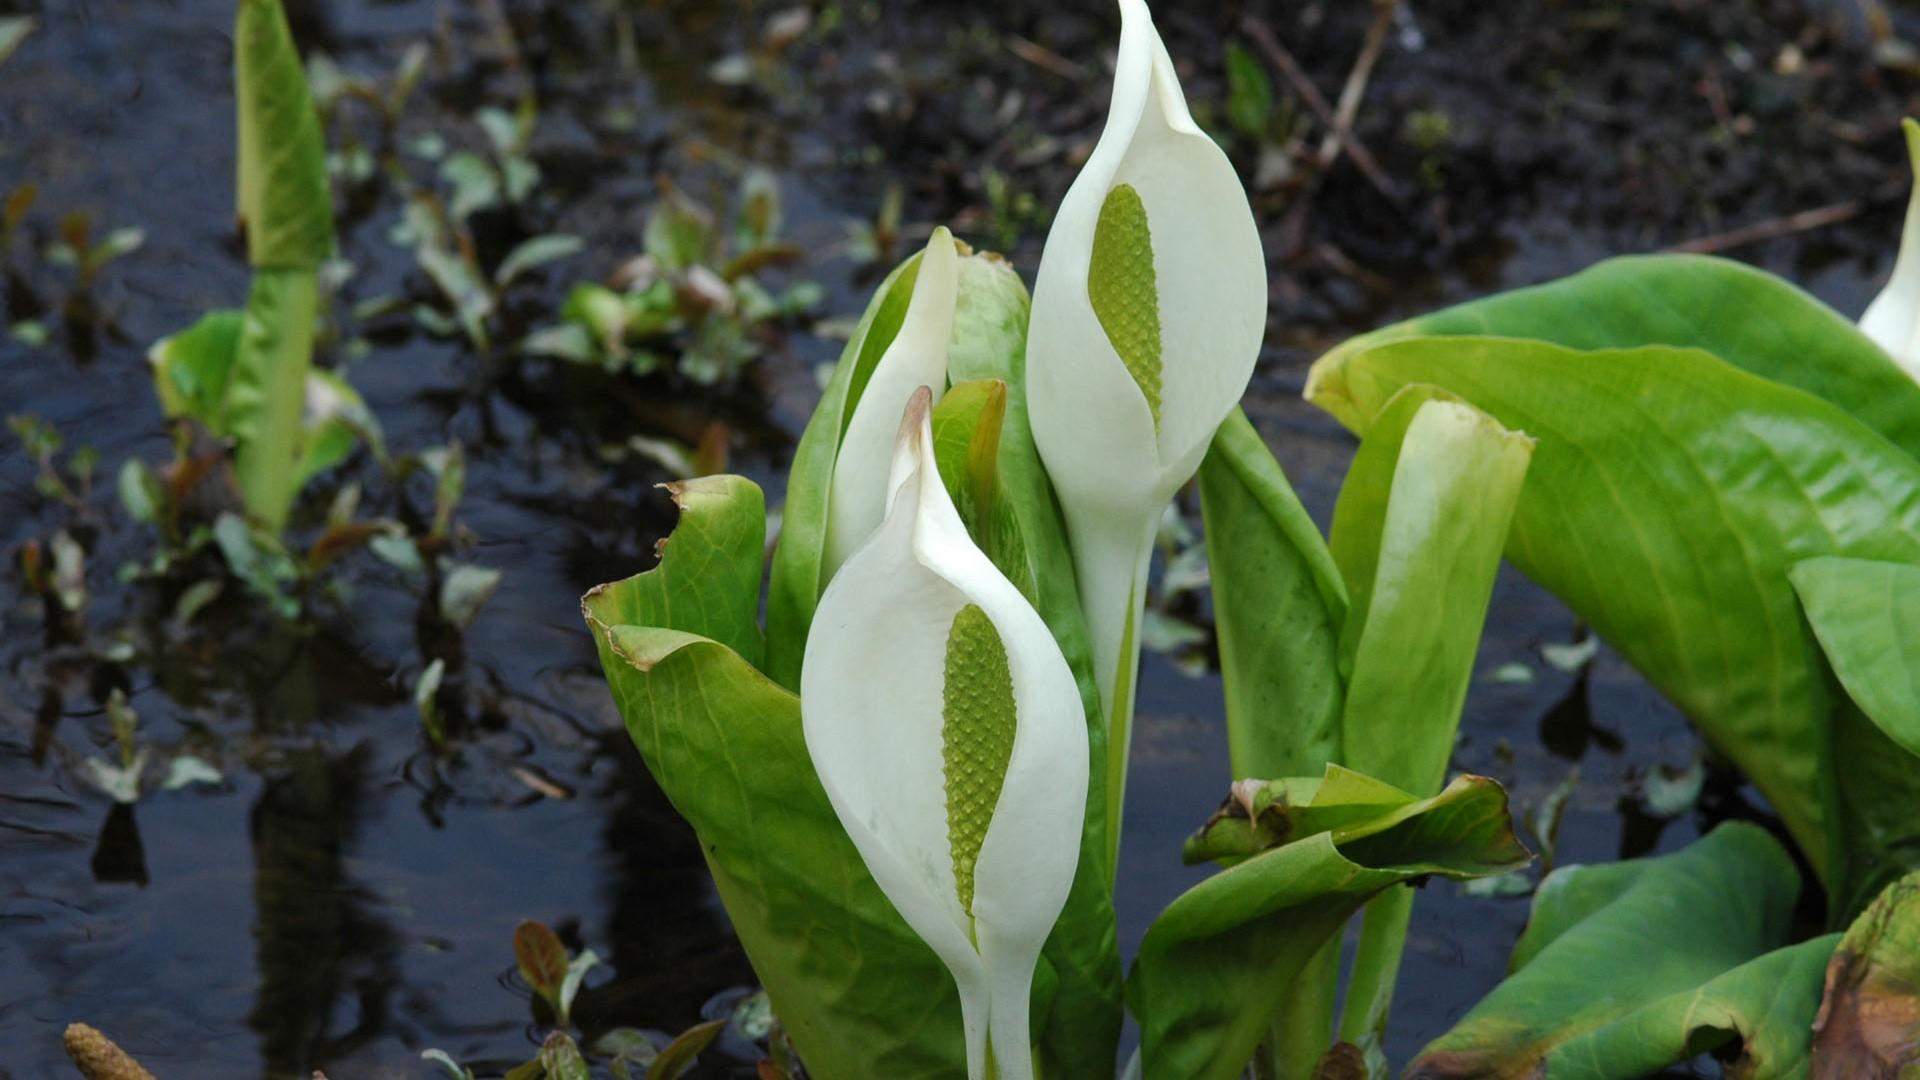 Jardin botanique de Hakone spécialisé dans les plantes des zones humides